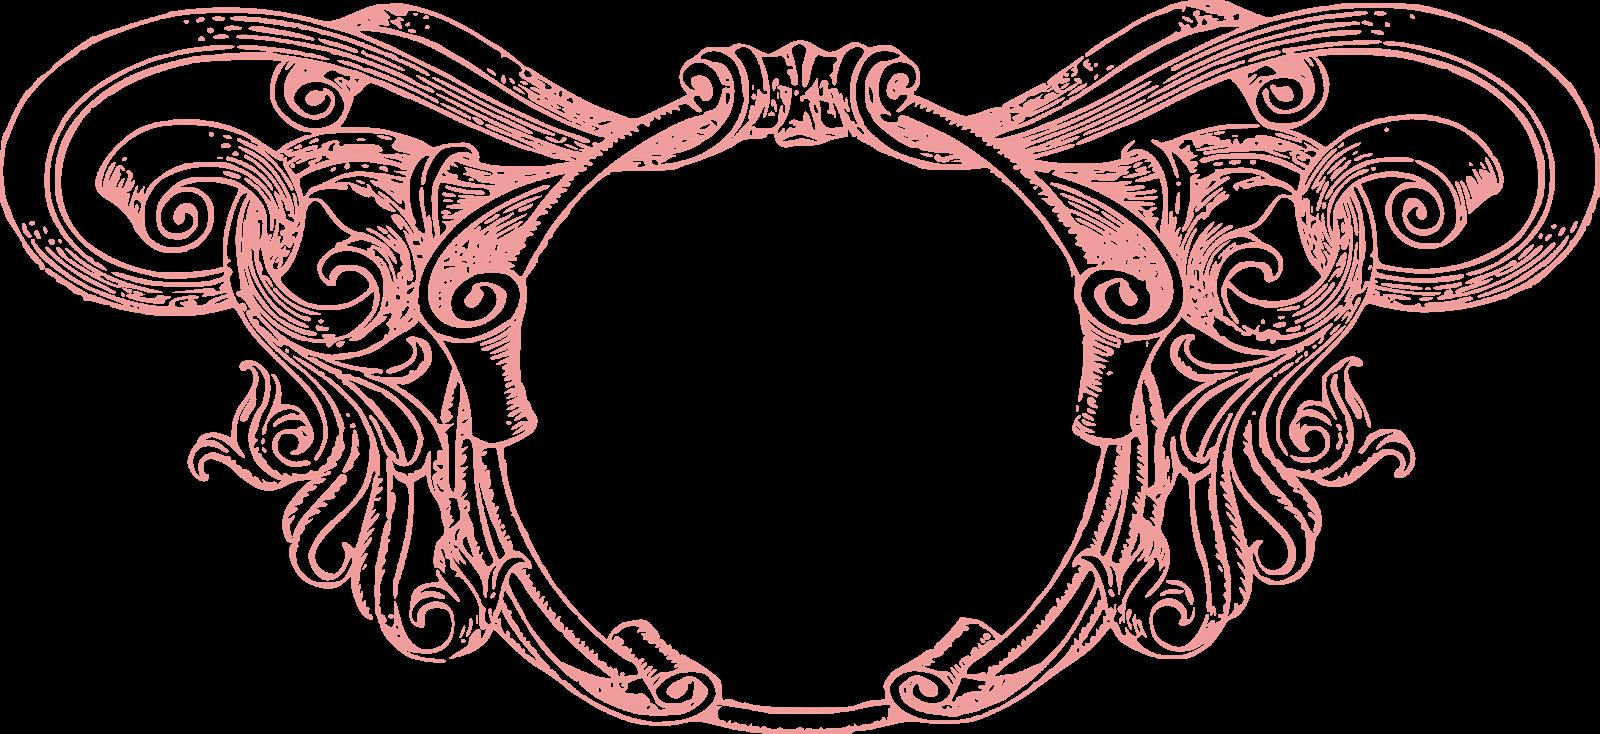 Transparent vintage clipart - Name Clipart Vintage - Vintage Border Pink Png